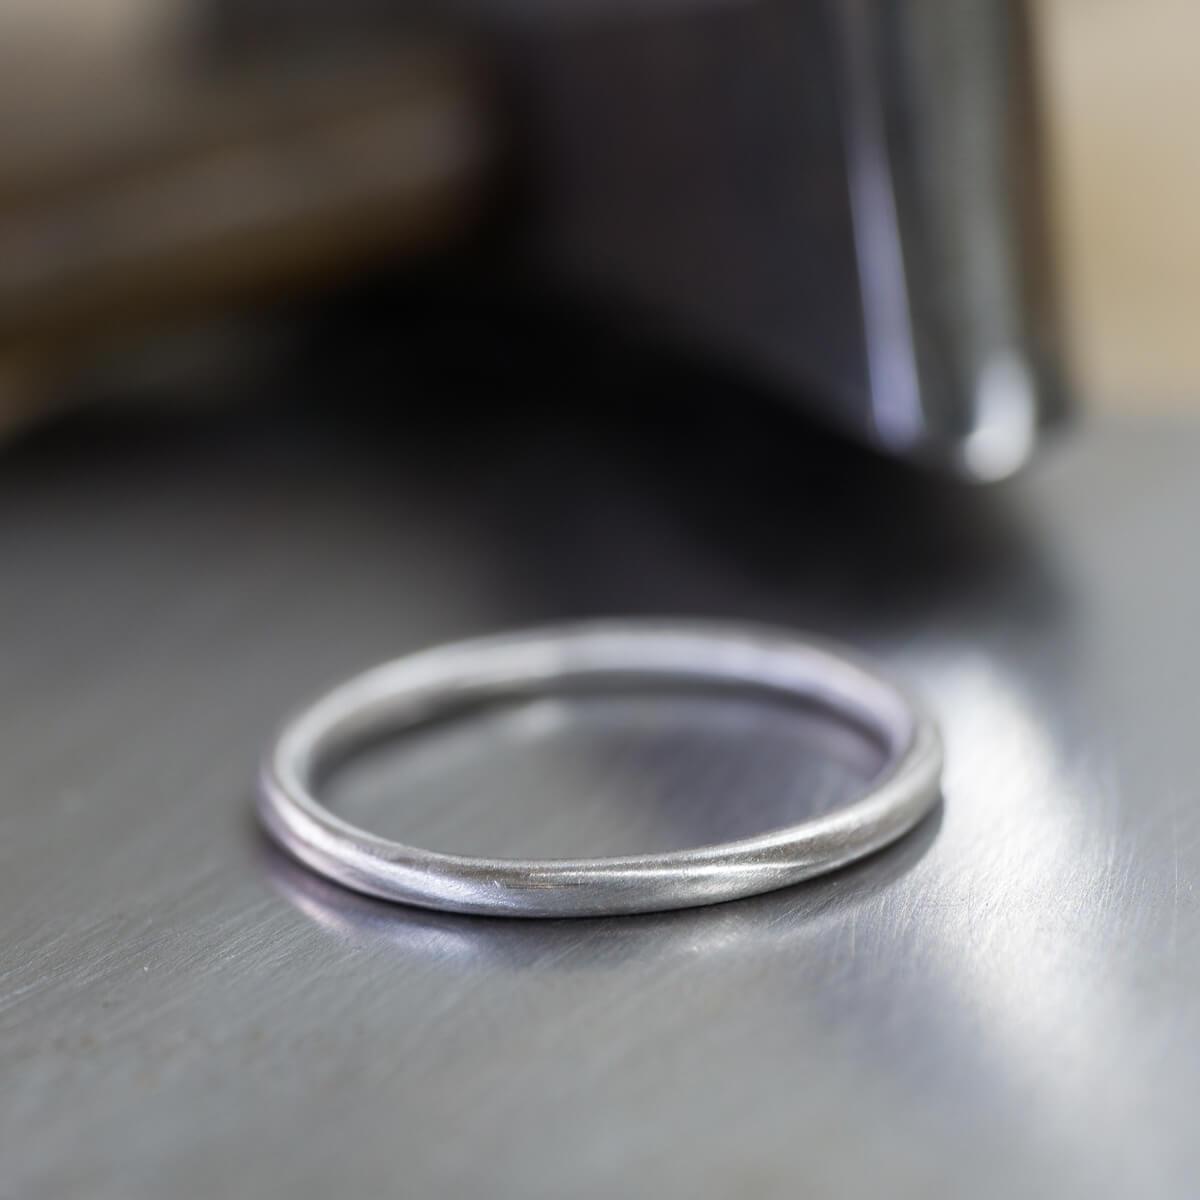 オーダーメイドマリッジリングの制作風景 ジュエリーのアトリエの指輪 プラチナリング 屋久島で行くる結婚指輪